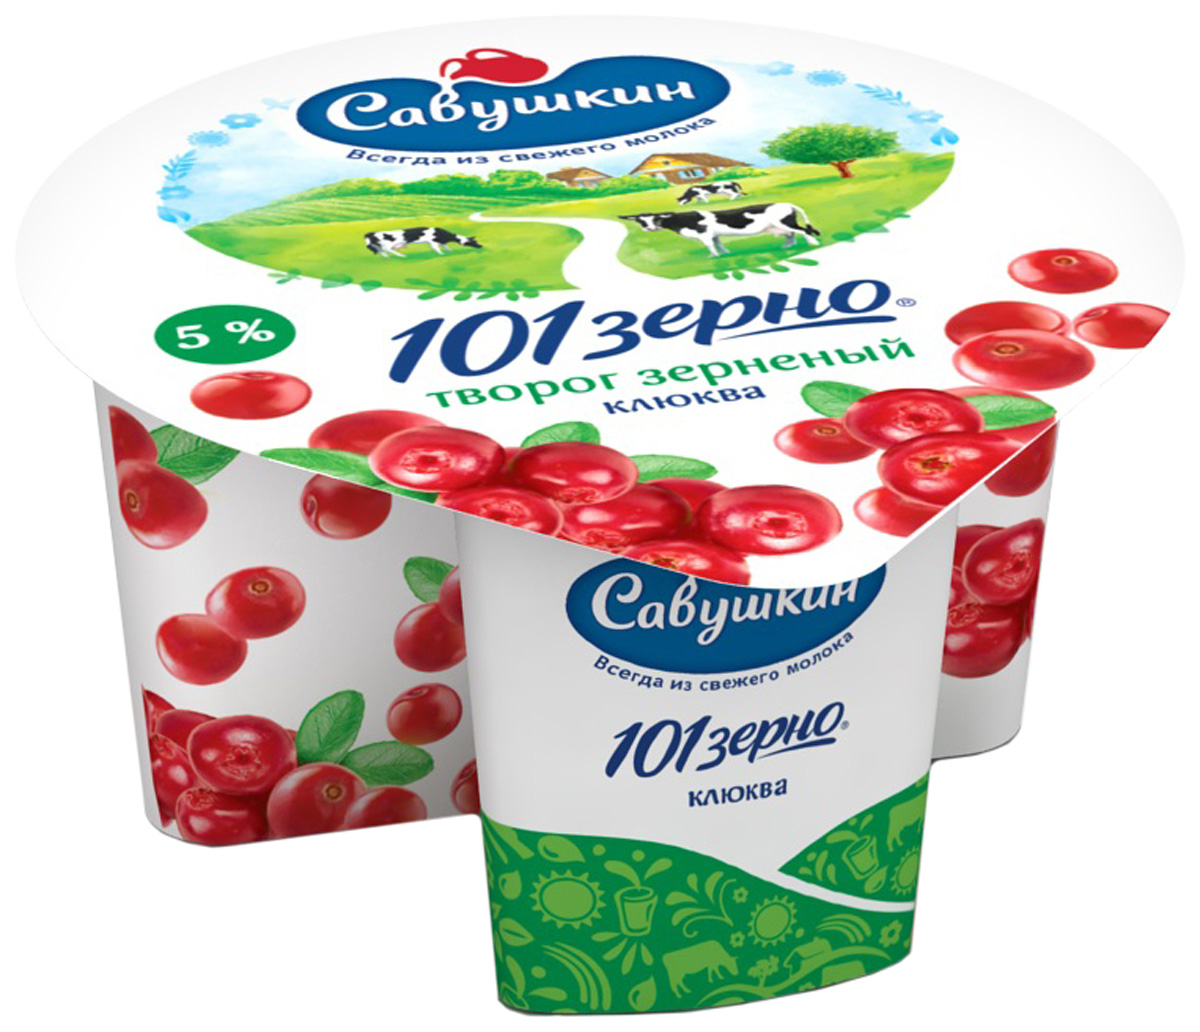 Савушкин Творог 101 зерно Клюква 5%, 130 г творог милава зерненый черешня ваниль 5